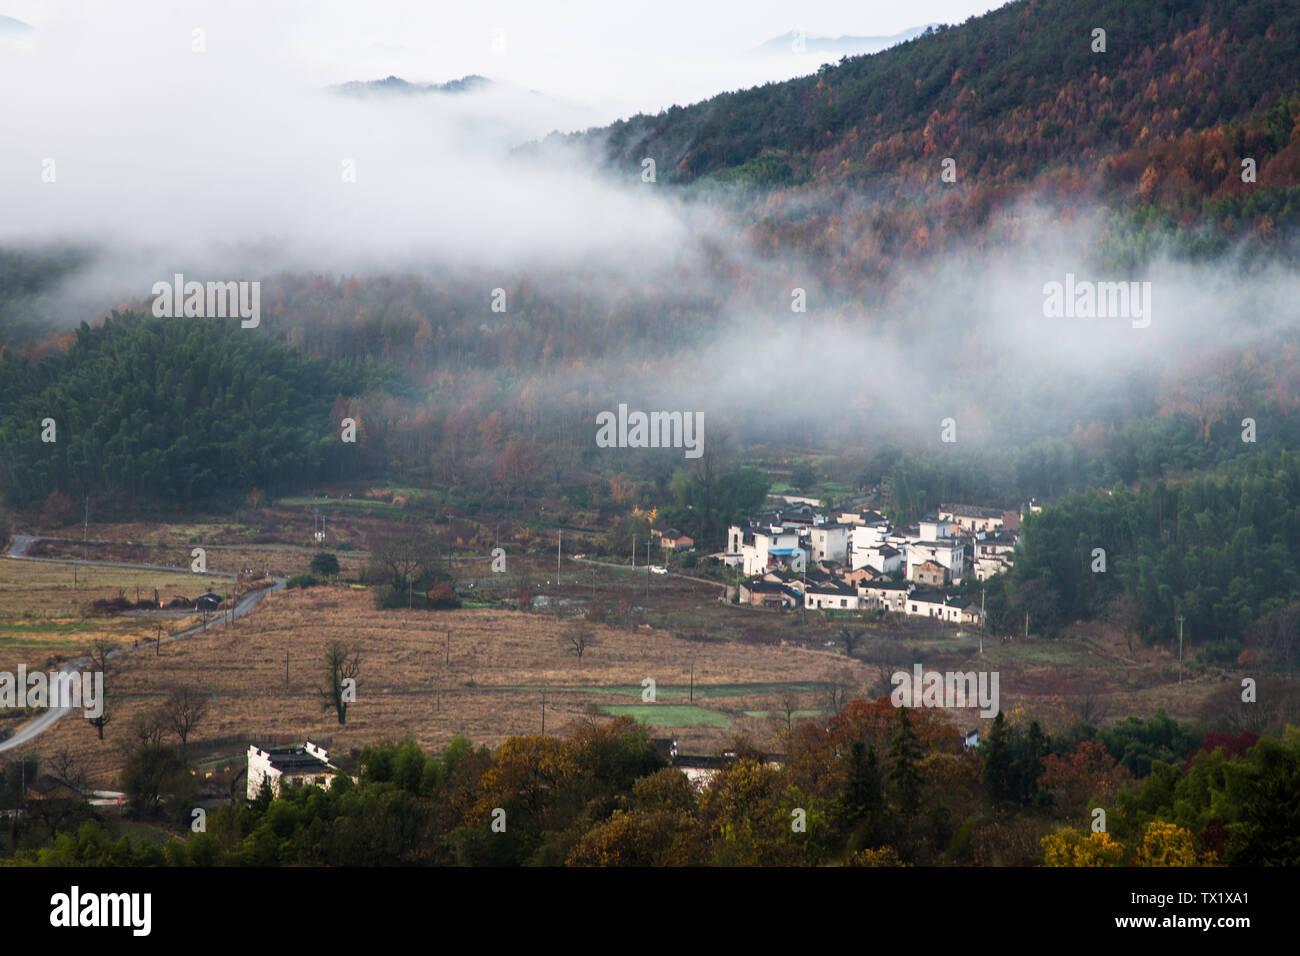 Un ancien village enveloppé par les nuages et le brouillard. Banque D'Images